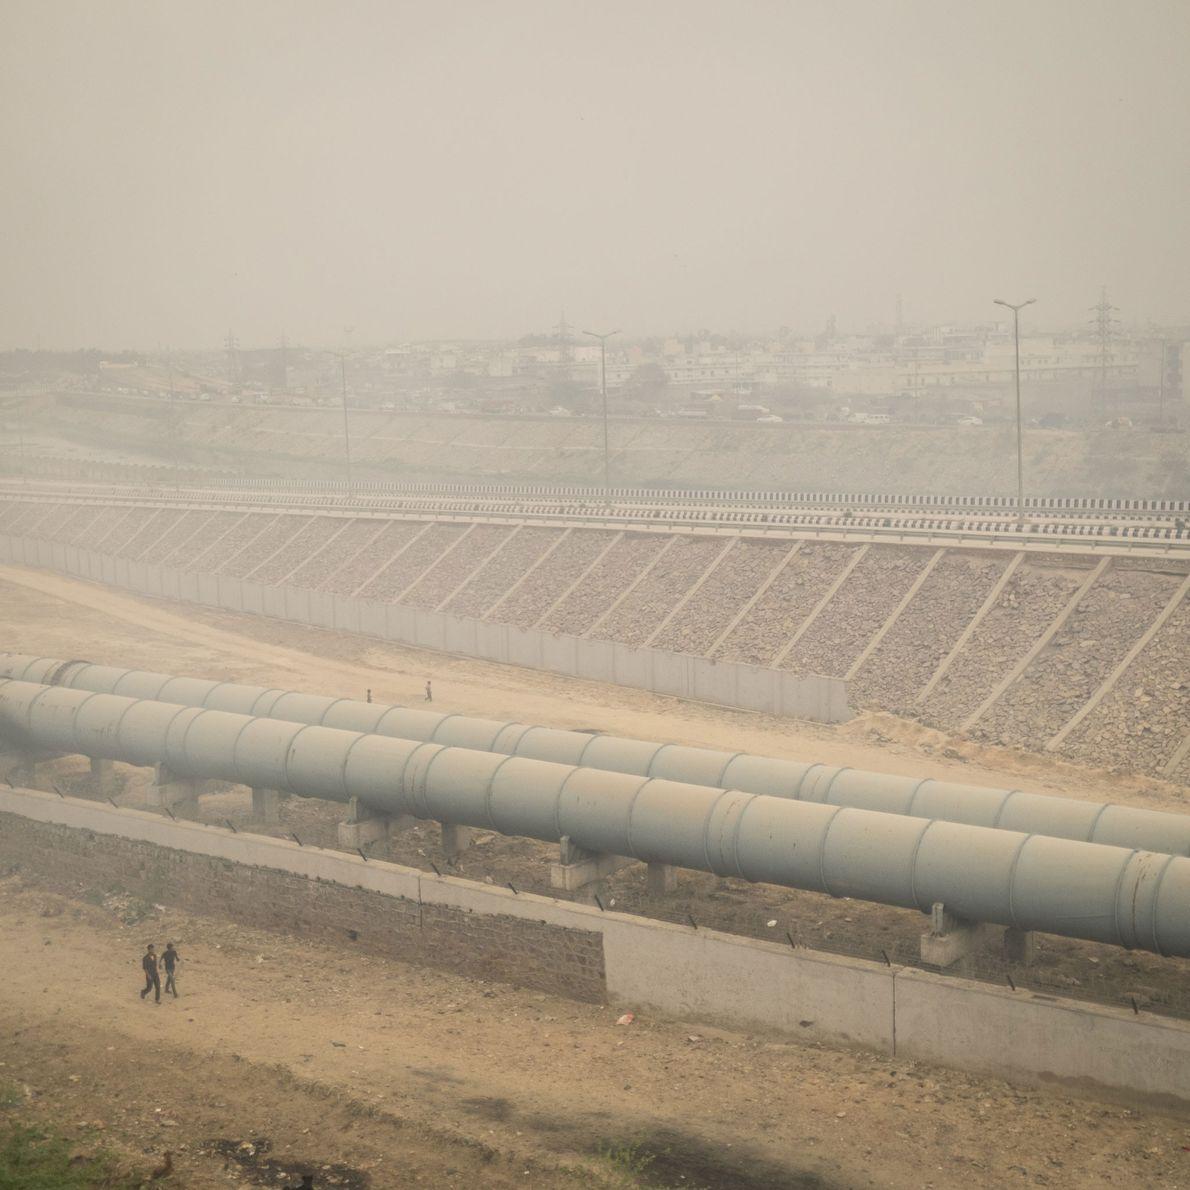 Imagen de un pueblo situado justo debajo de un depósito de basura gigante al aire libre ...